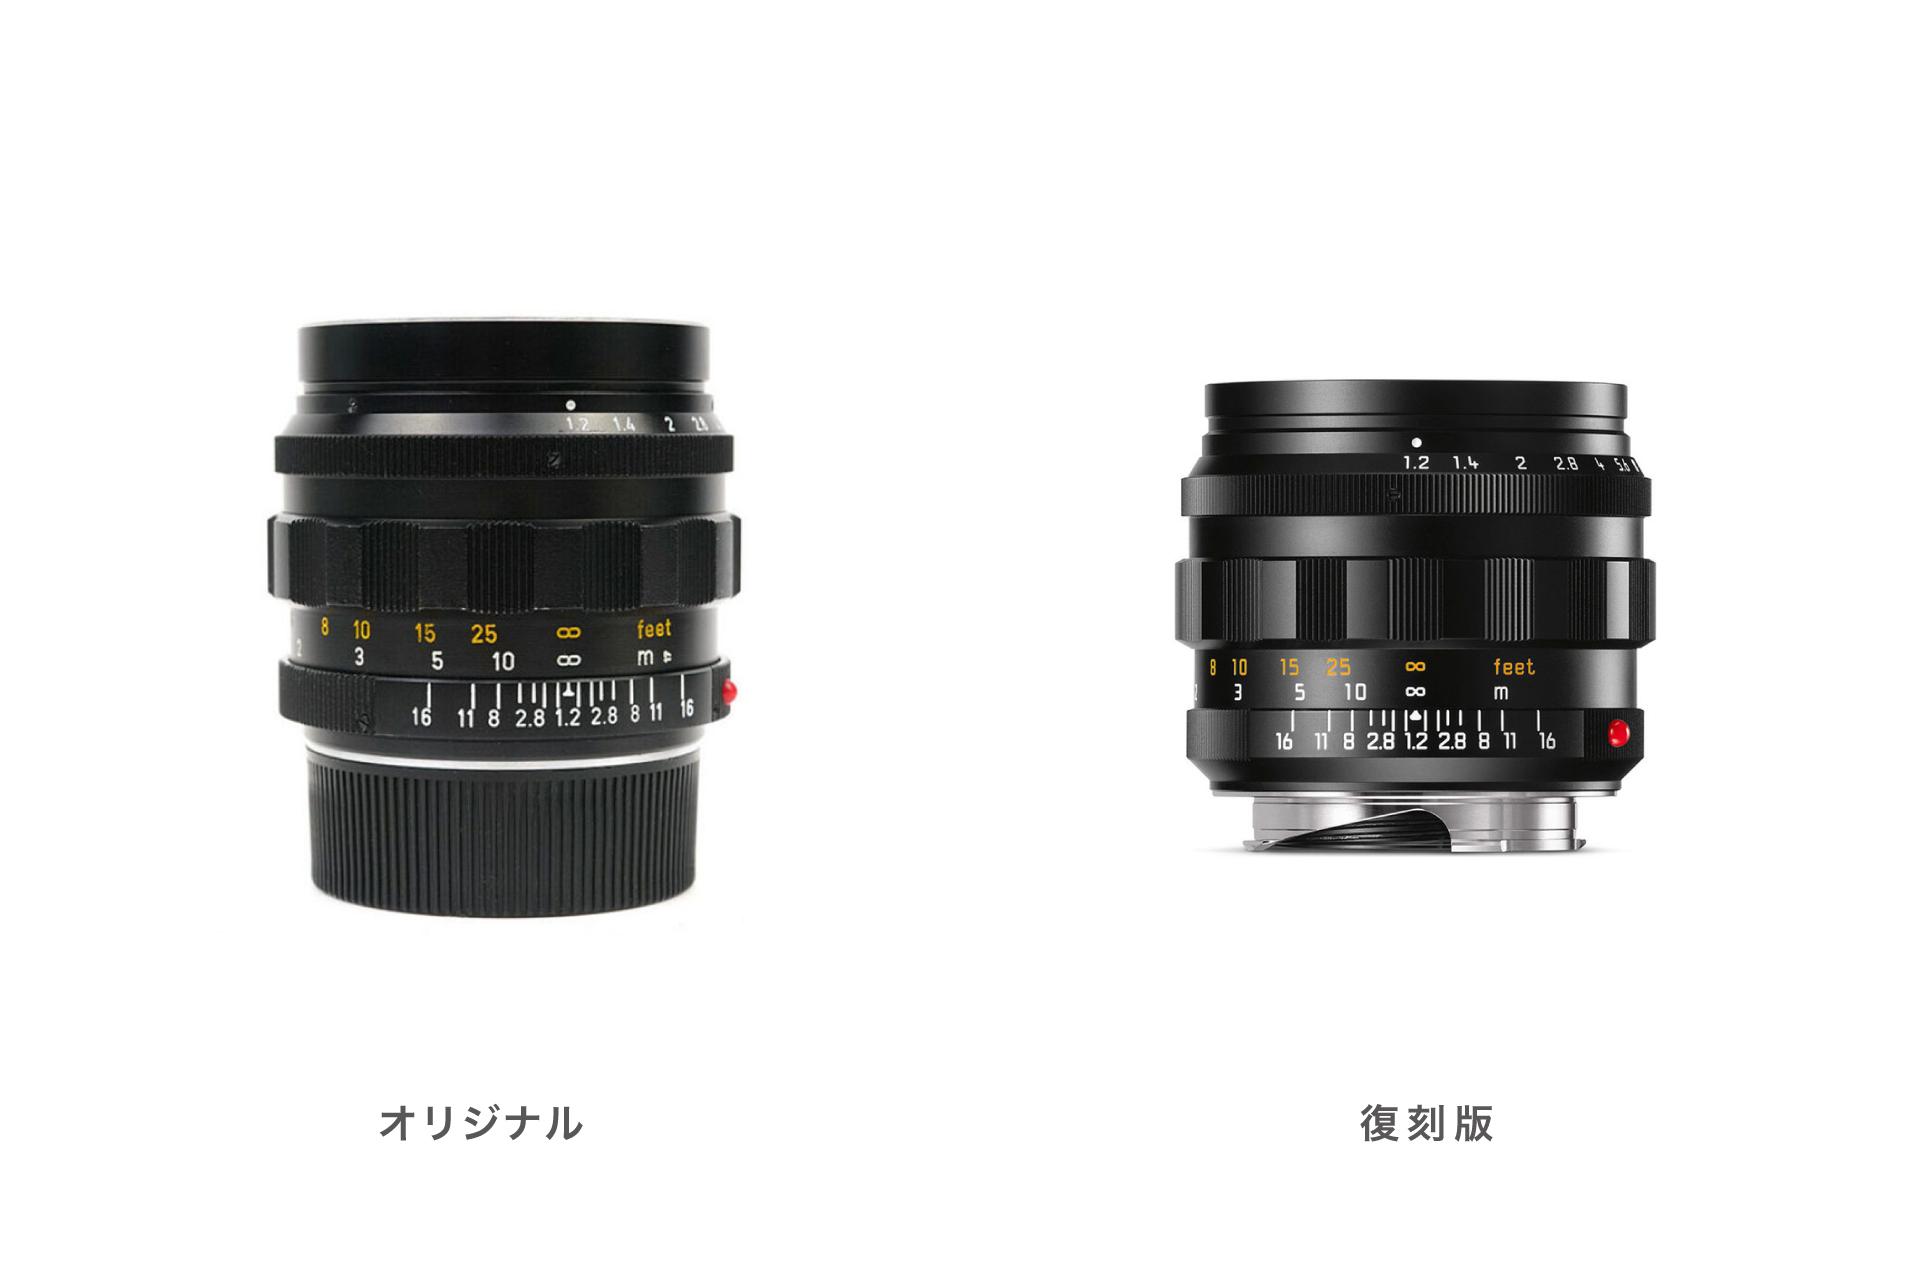 復刻(リバイバル)してほしいライカの銘玉レンズ Noctilux 50mm f1.2